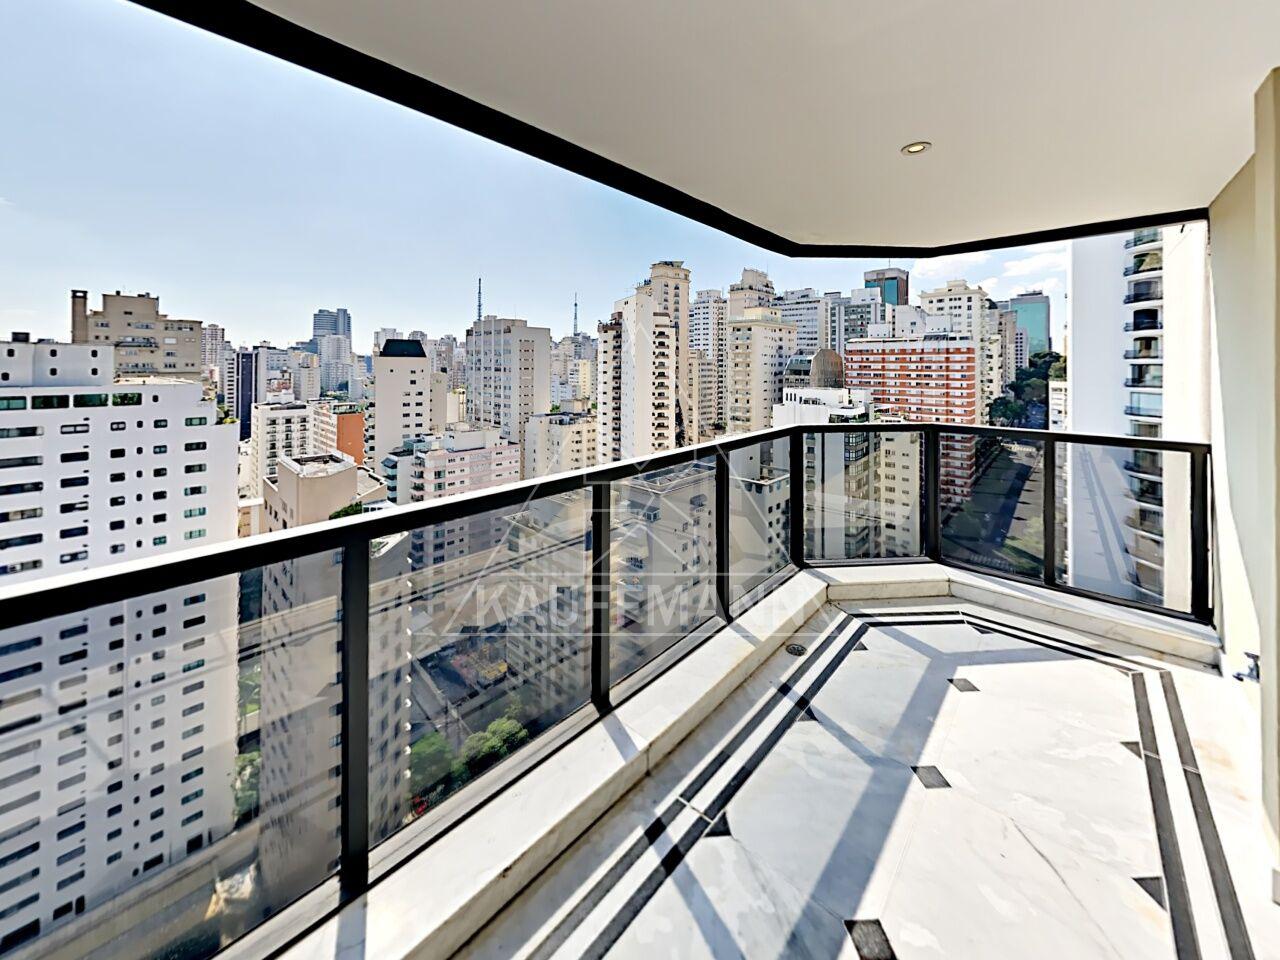 apartamento-venda-sao-paulo-jardim-america-regency-6dormitorios-6suites-7vagas-1099m2-Foto35